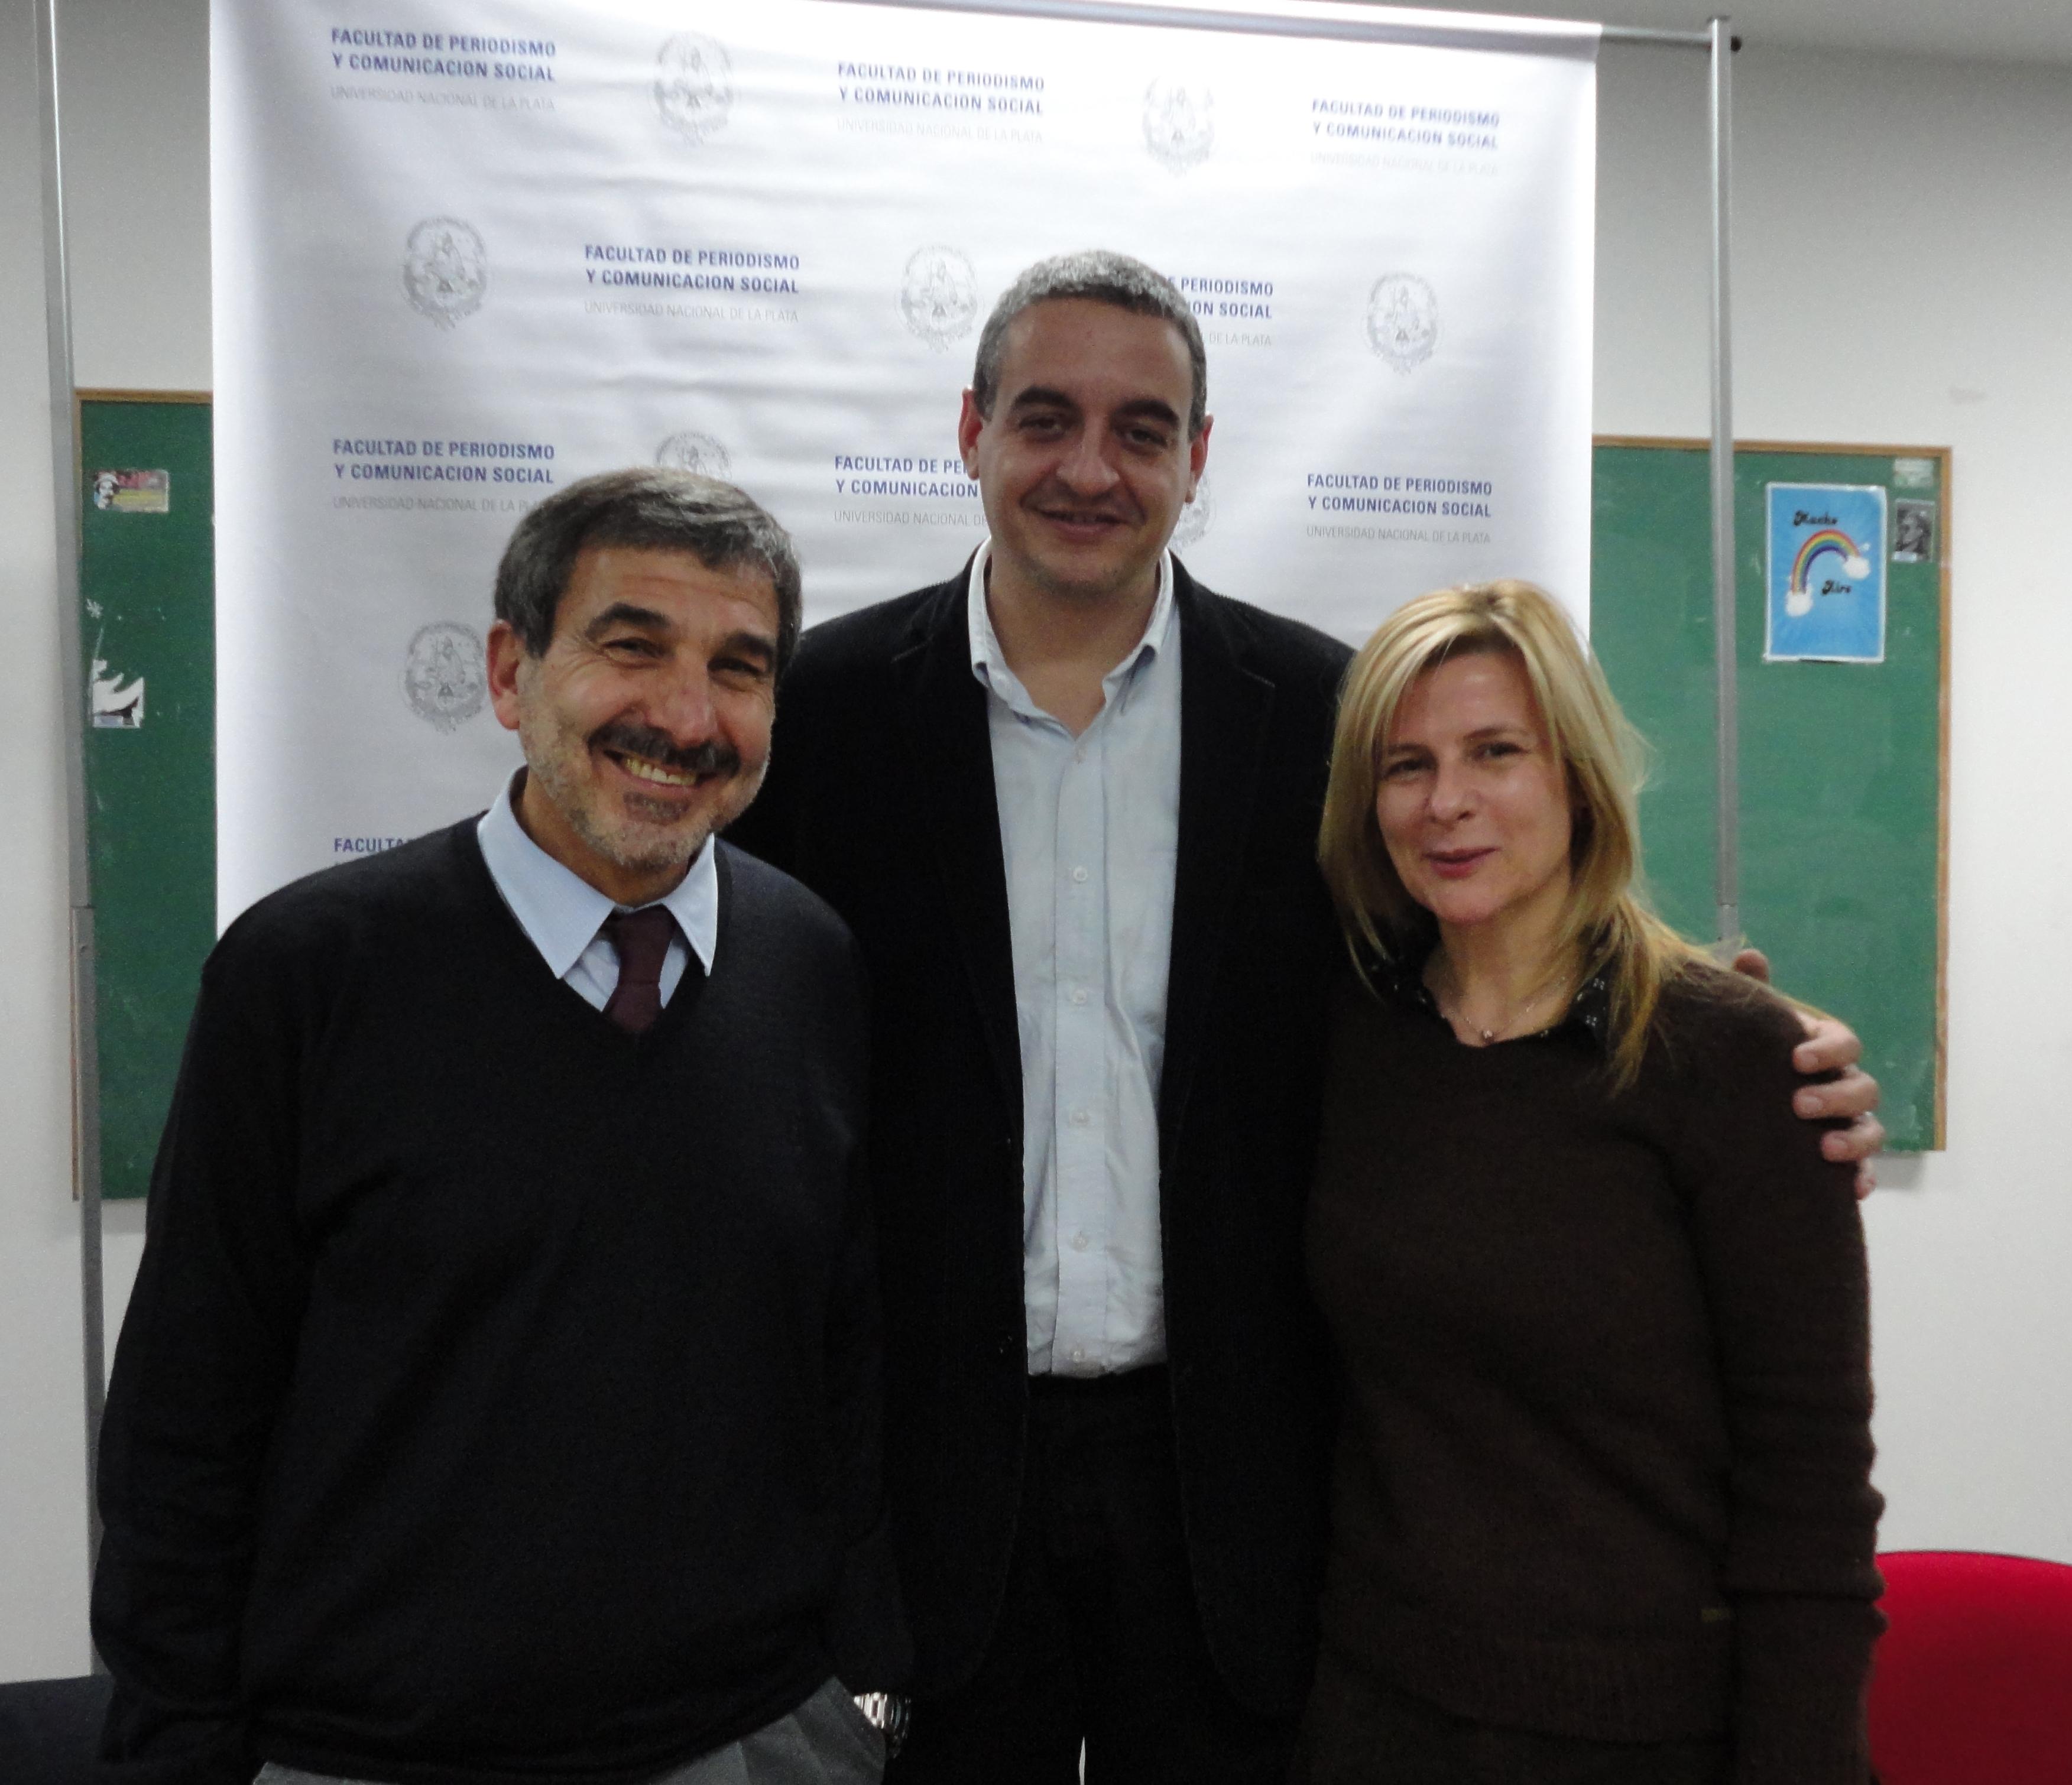 Roberto Salvarezza, Horacio Pietragalla Corti y Florencia Saintout